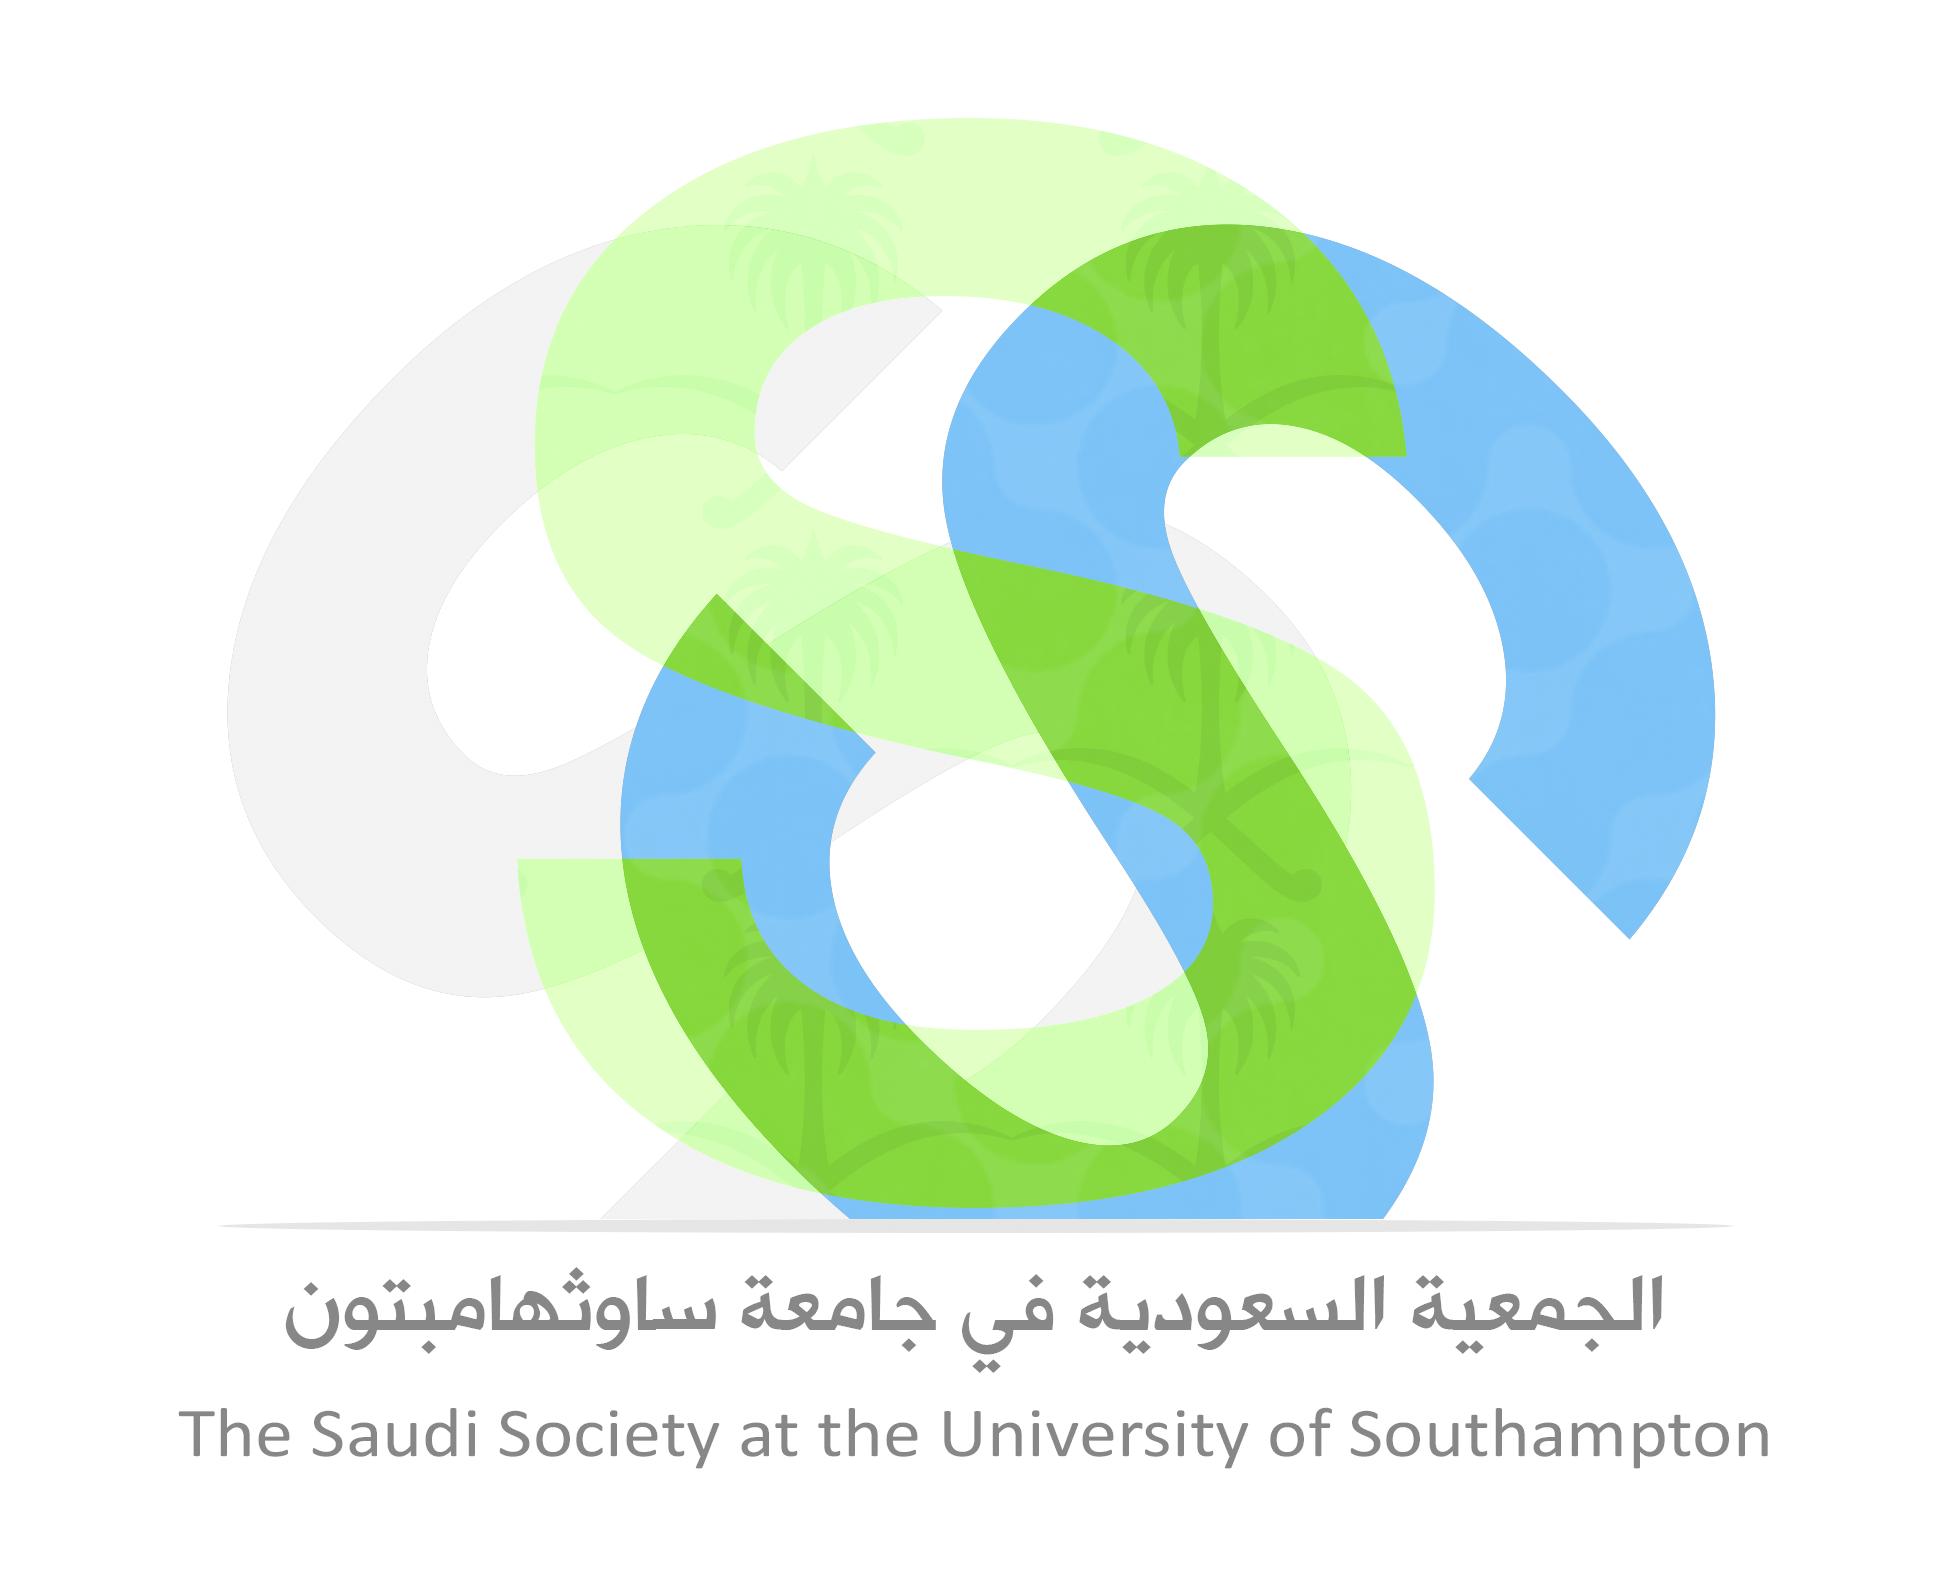 Saudi Society 2019